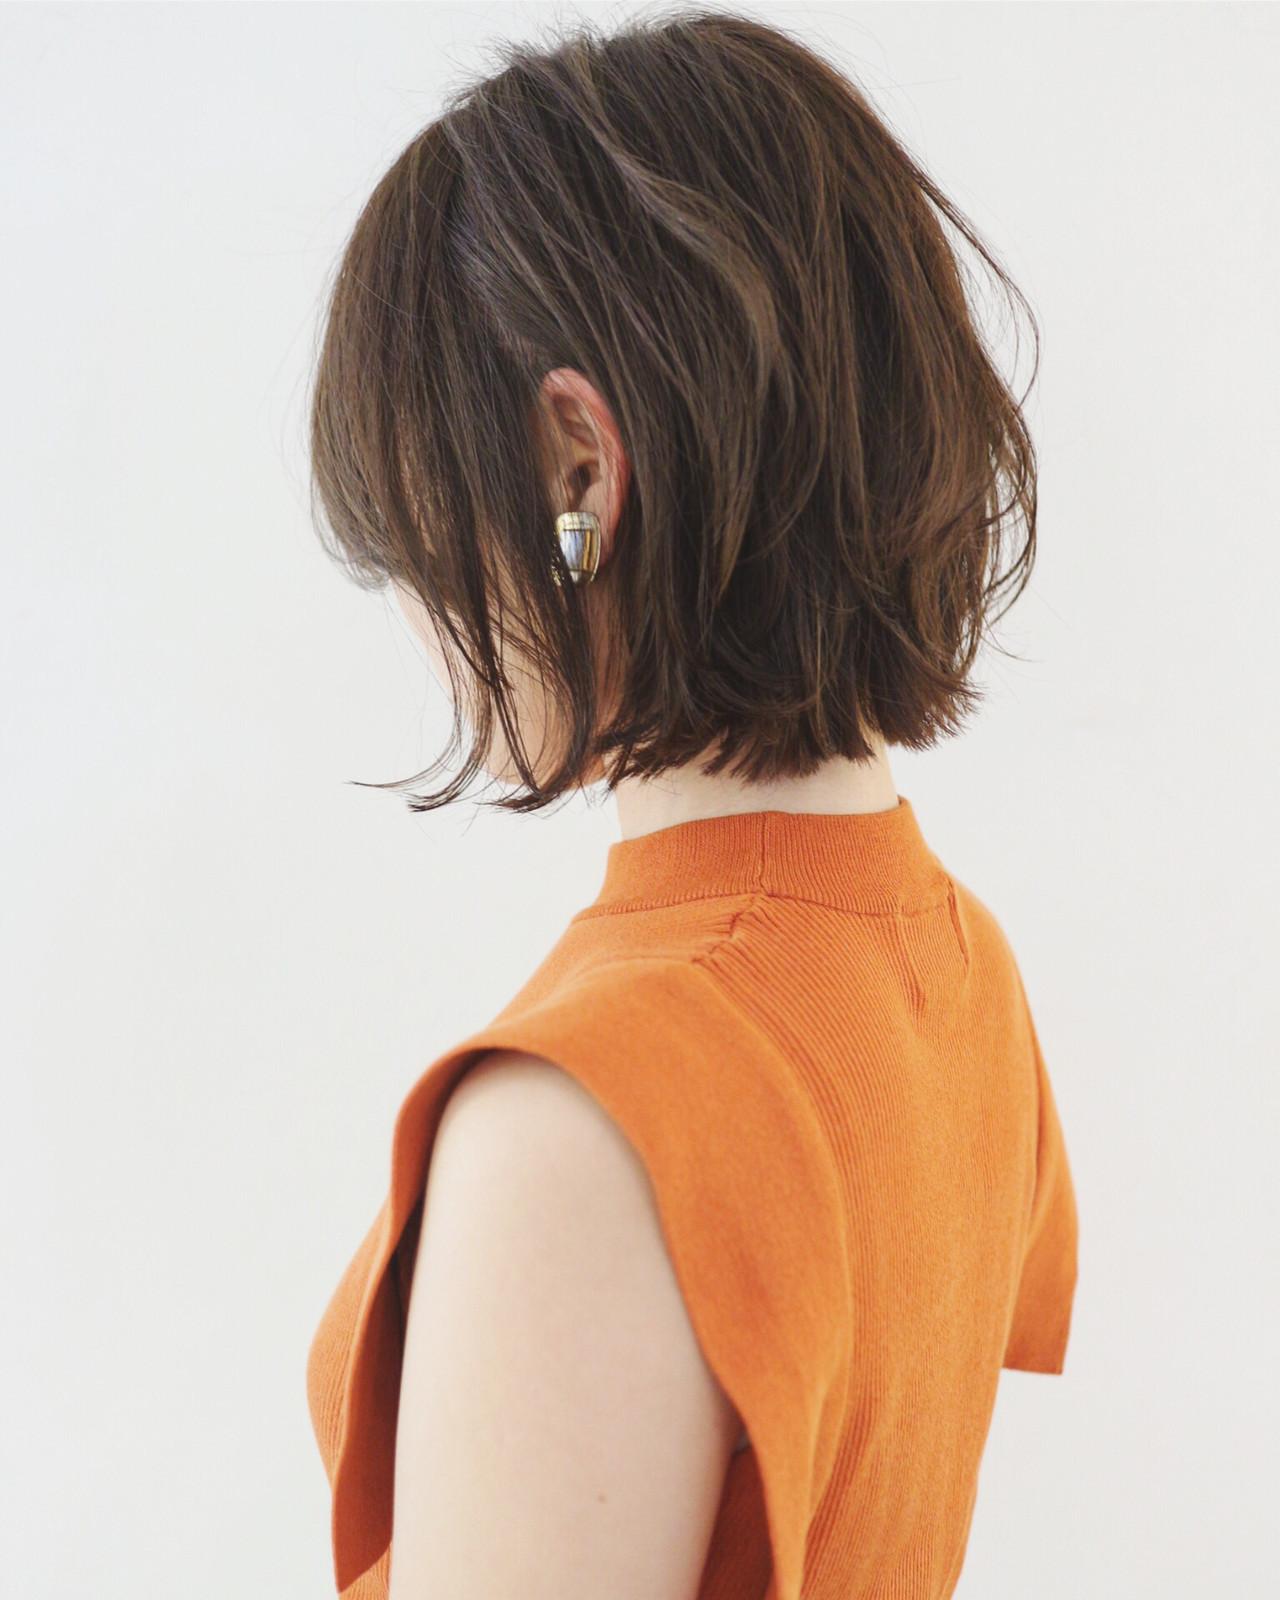 デート ボブ 抜け感 外ハネボブ ヘアスタイルや髪型の写真・画像 | 三好 佳奈美 / Baco.(バコ)